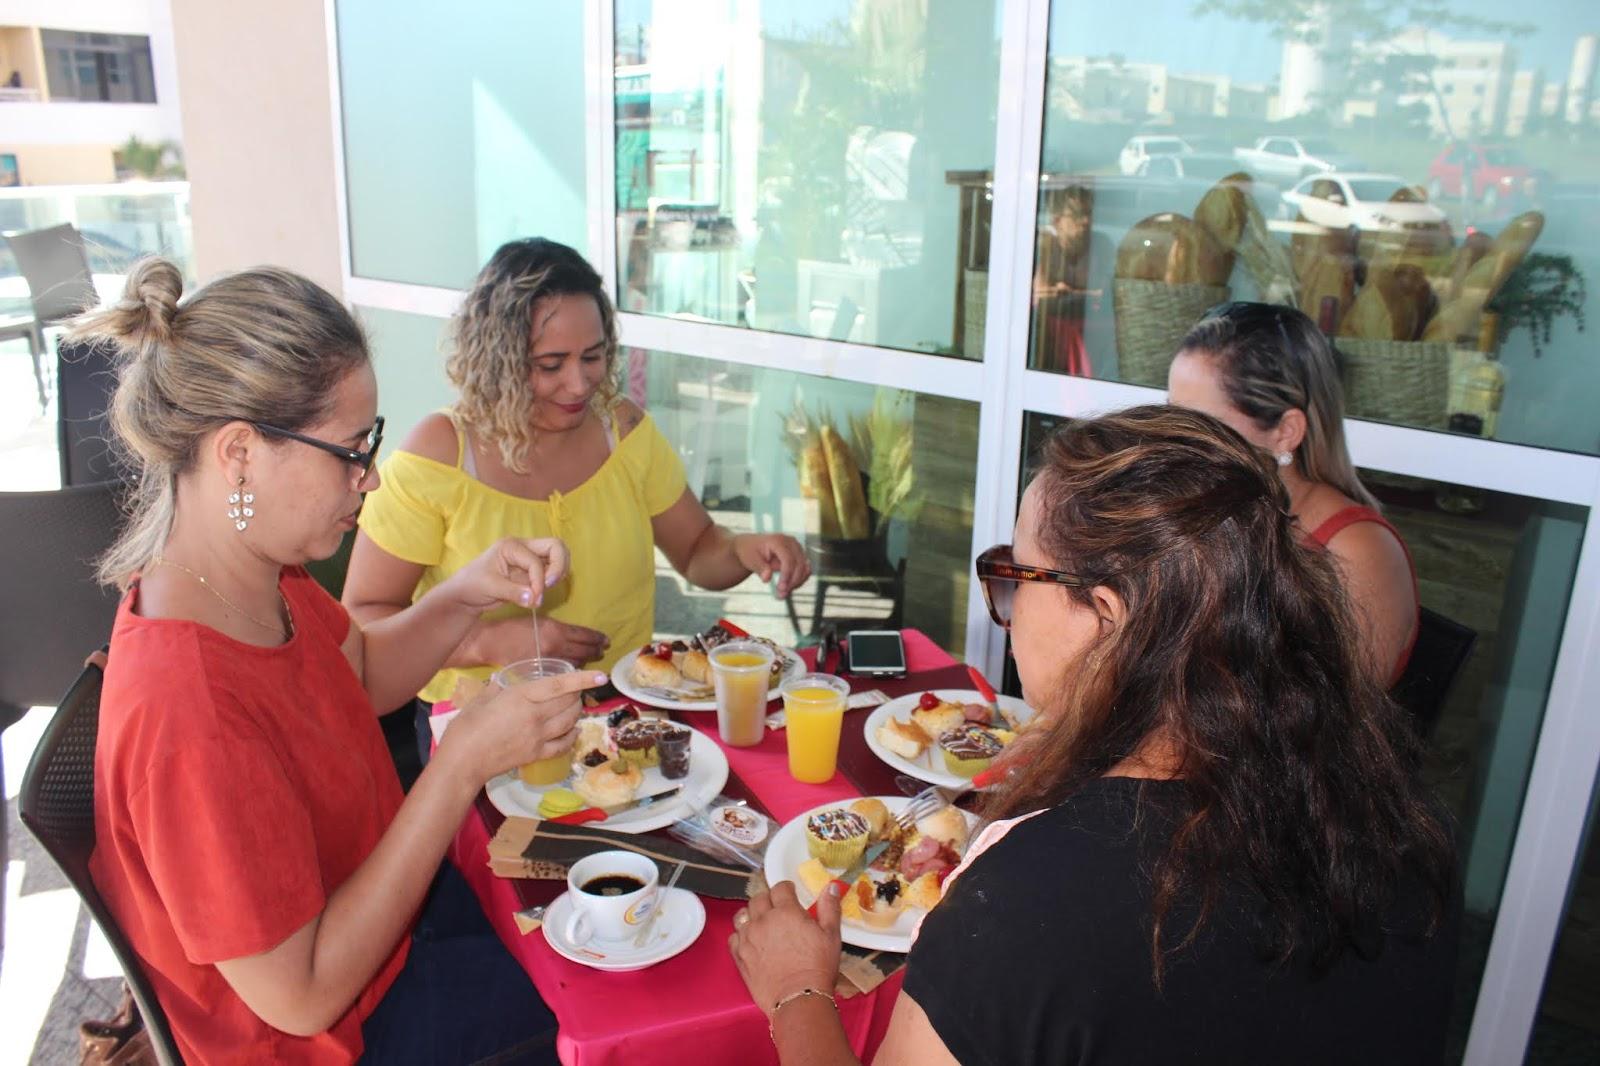 IMG 3625 - Dia 12 de maio dia das Mães no Jardins Mangueiral foi com muta diverção e alegria com um lindo café da manha